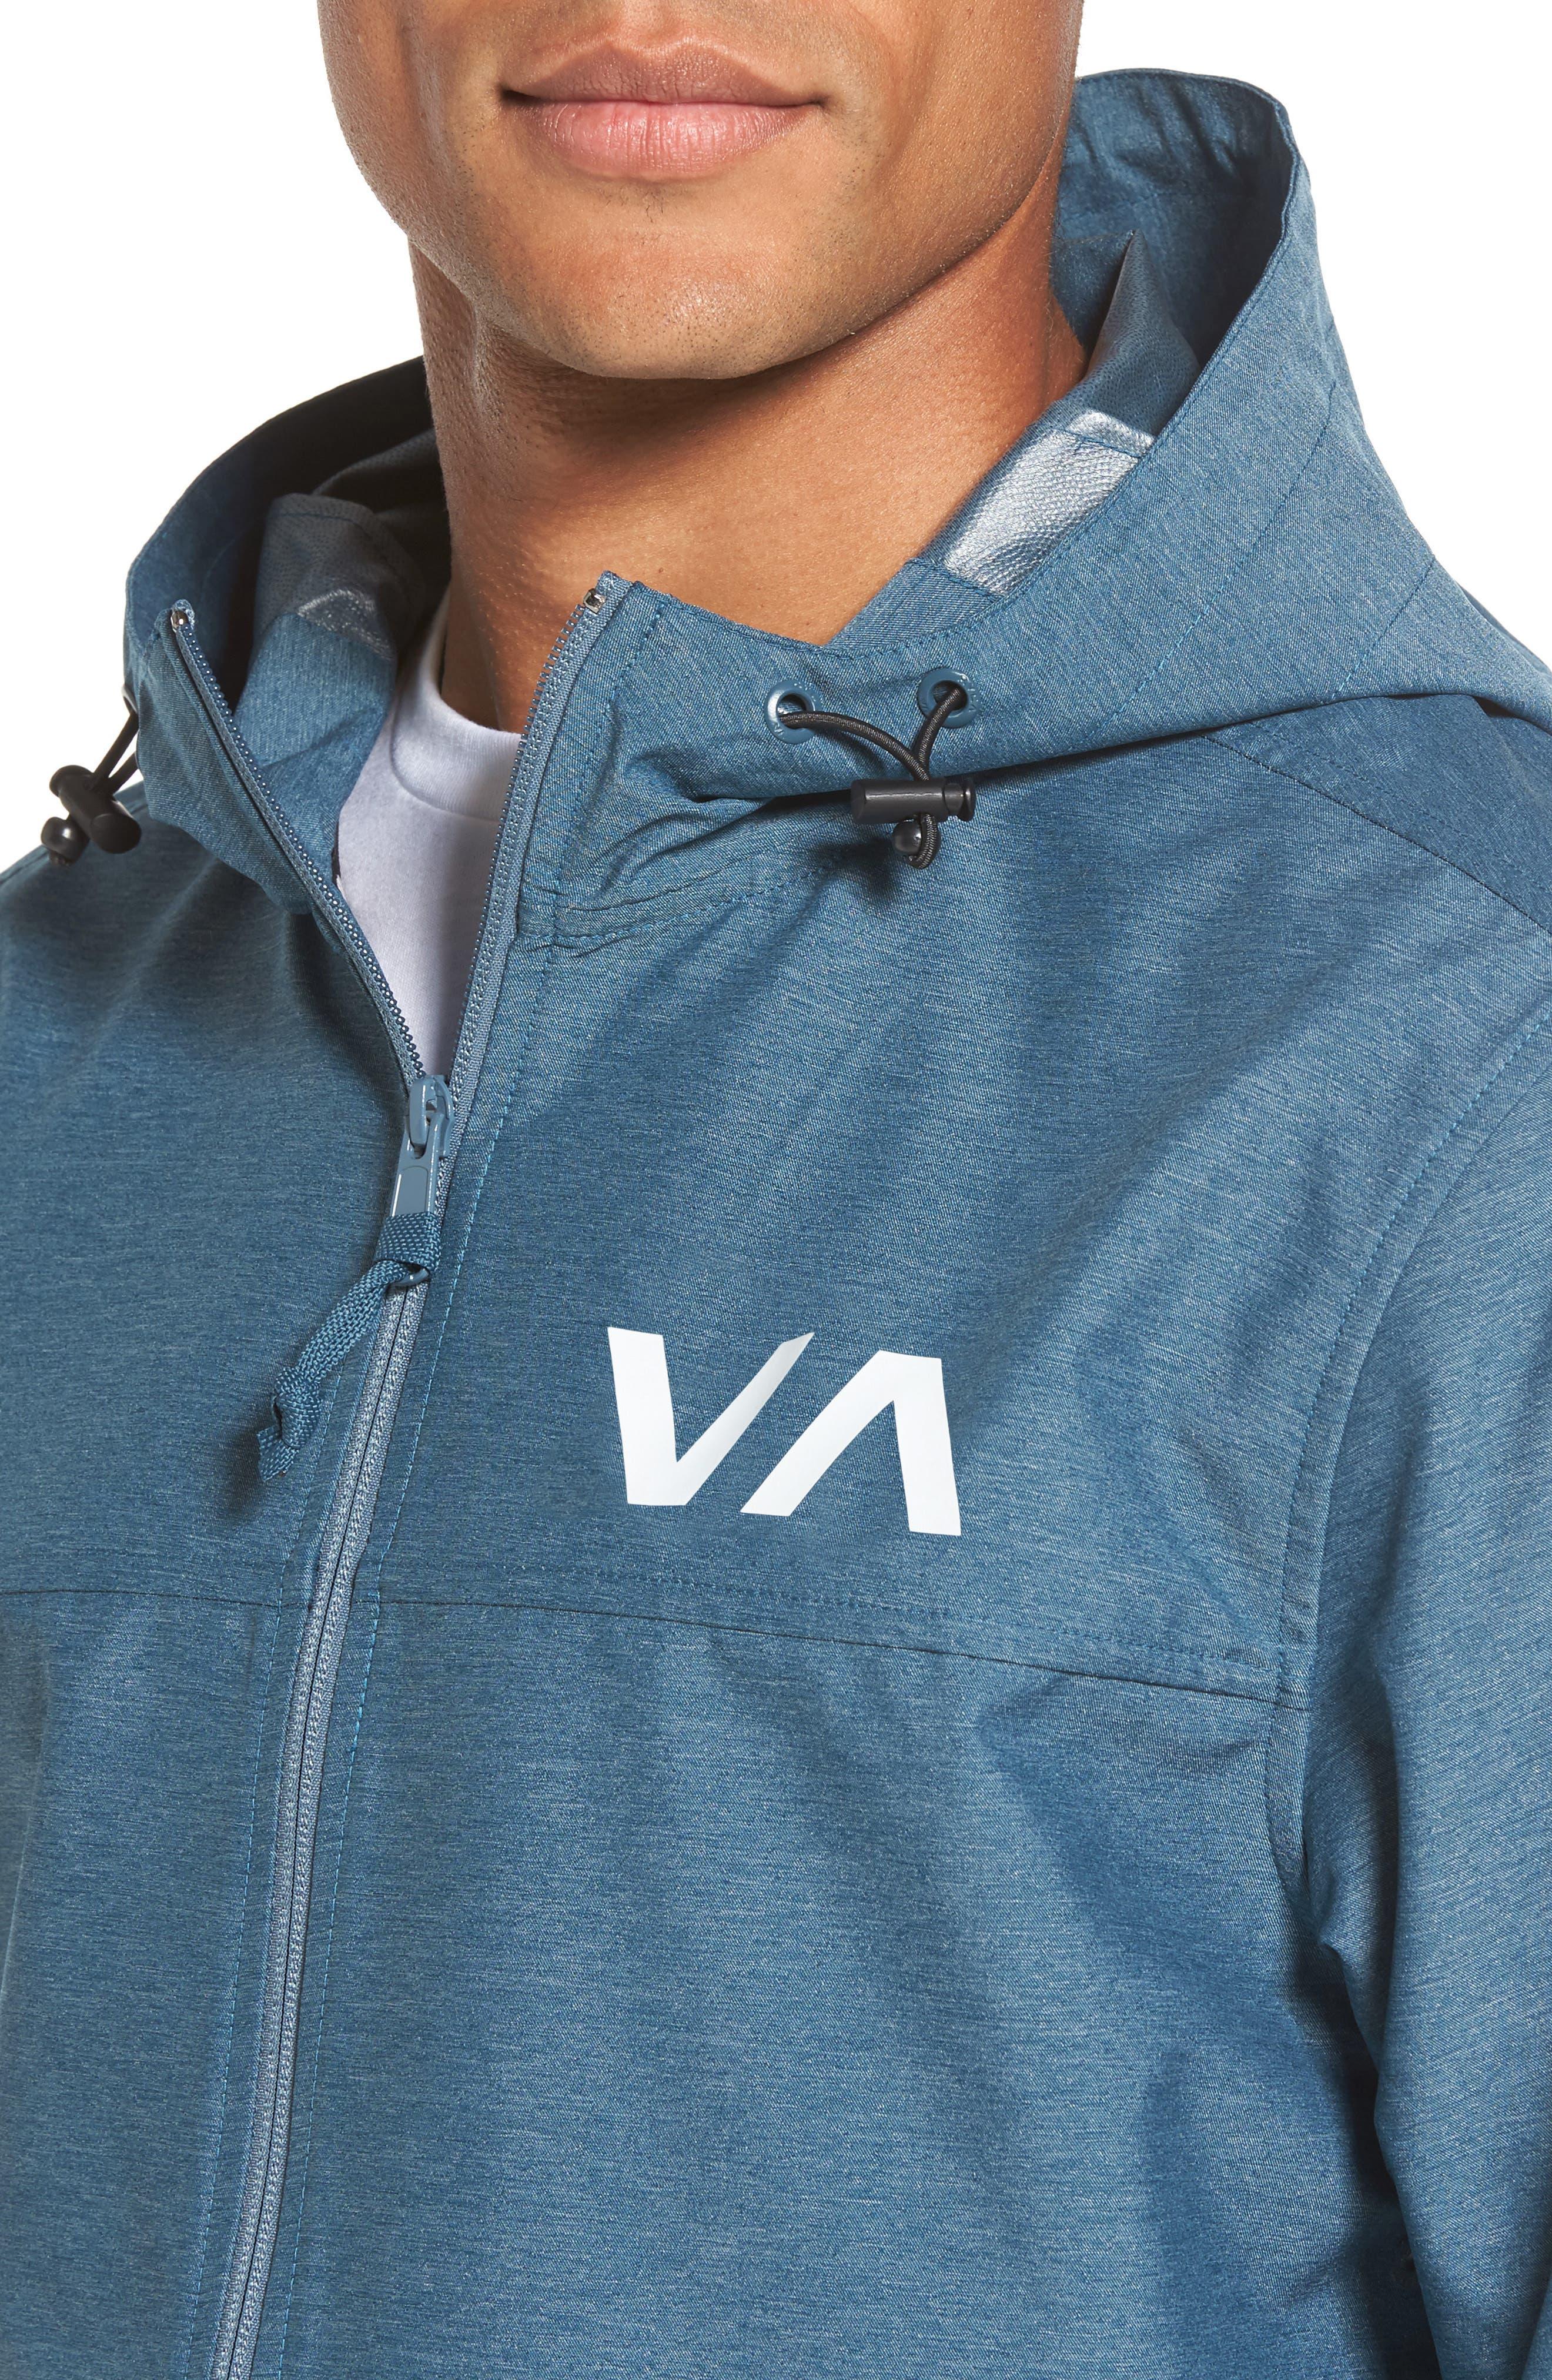 Steep Sport Jacket,                             Alternate thumbnail 4, color,                             Desert Blue